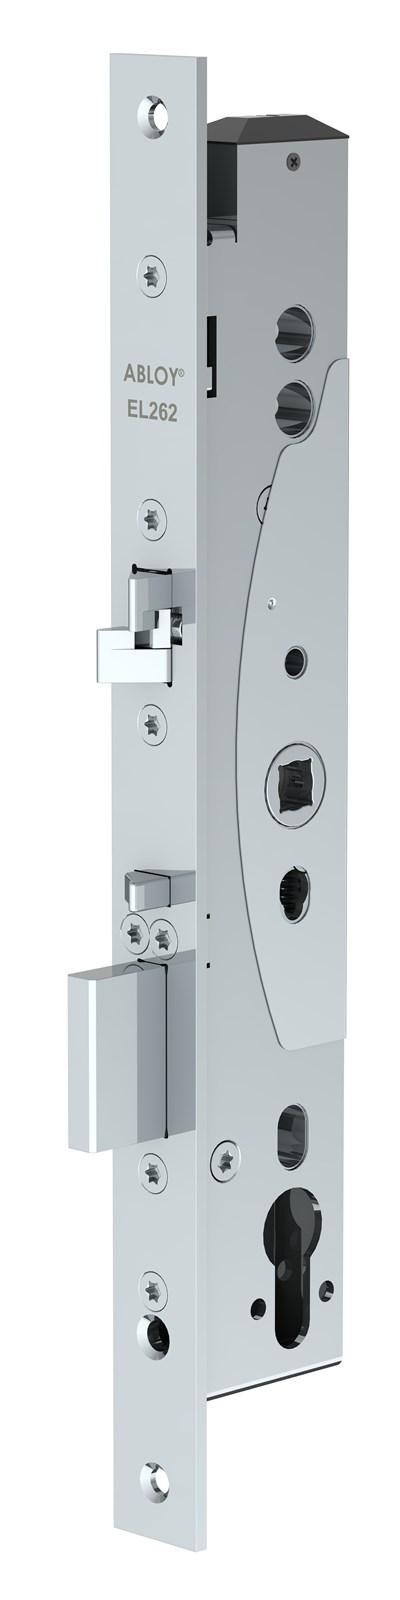 Lock case EL262